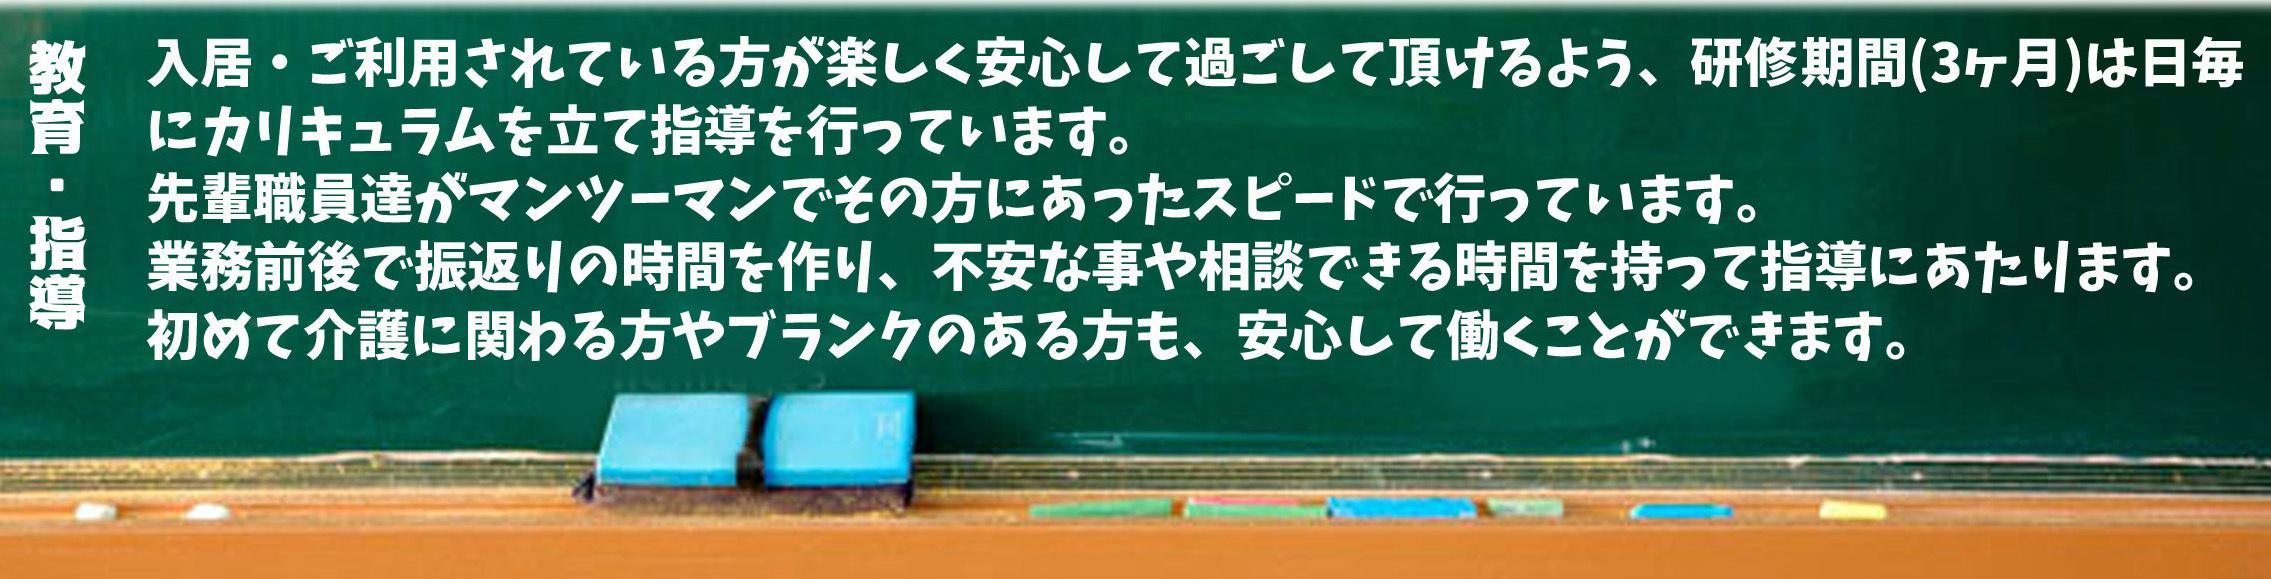 f0220087_15582244.jpg